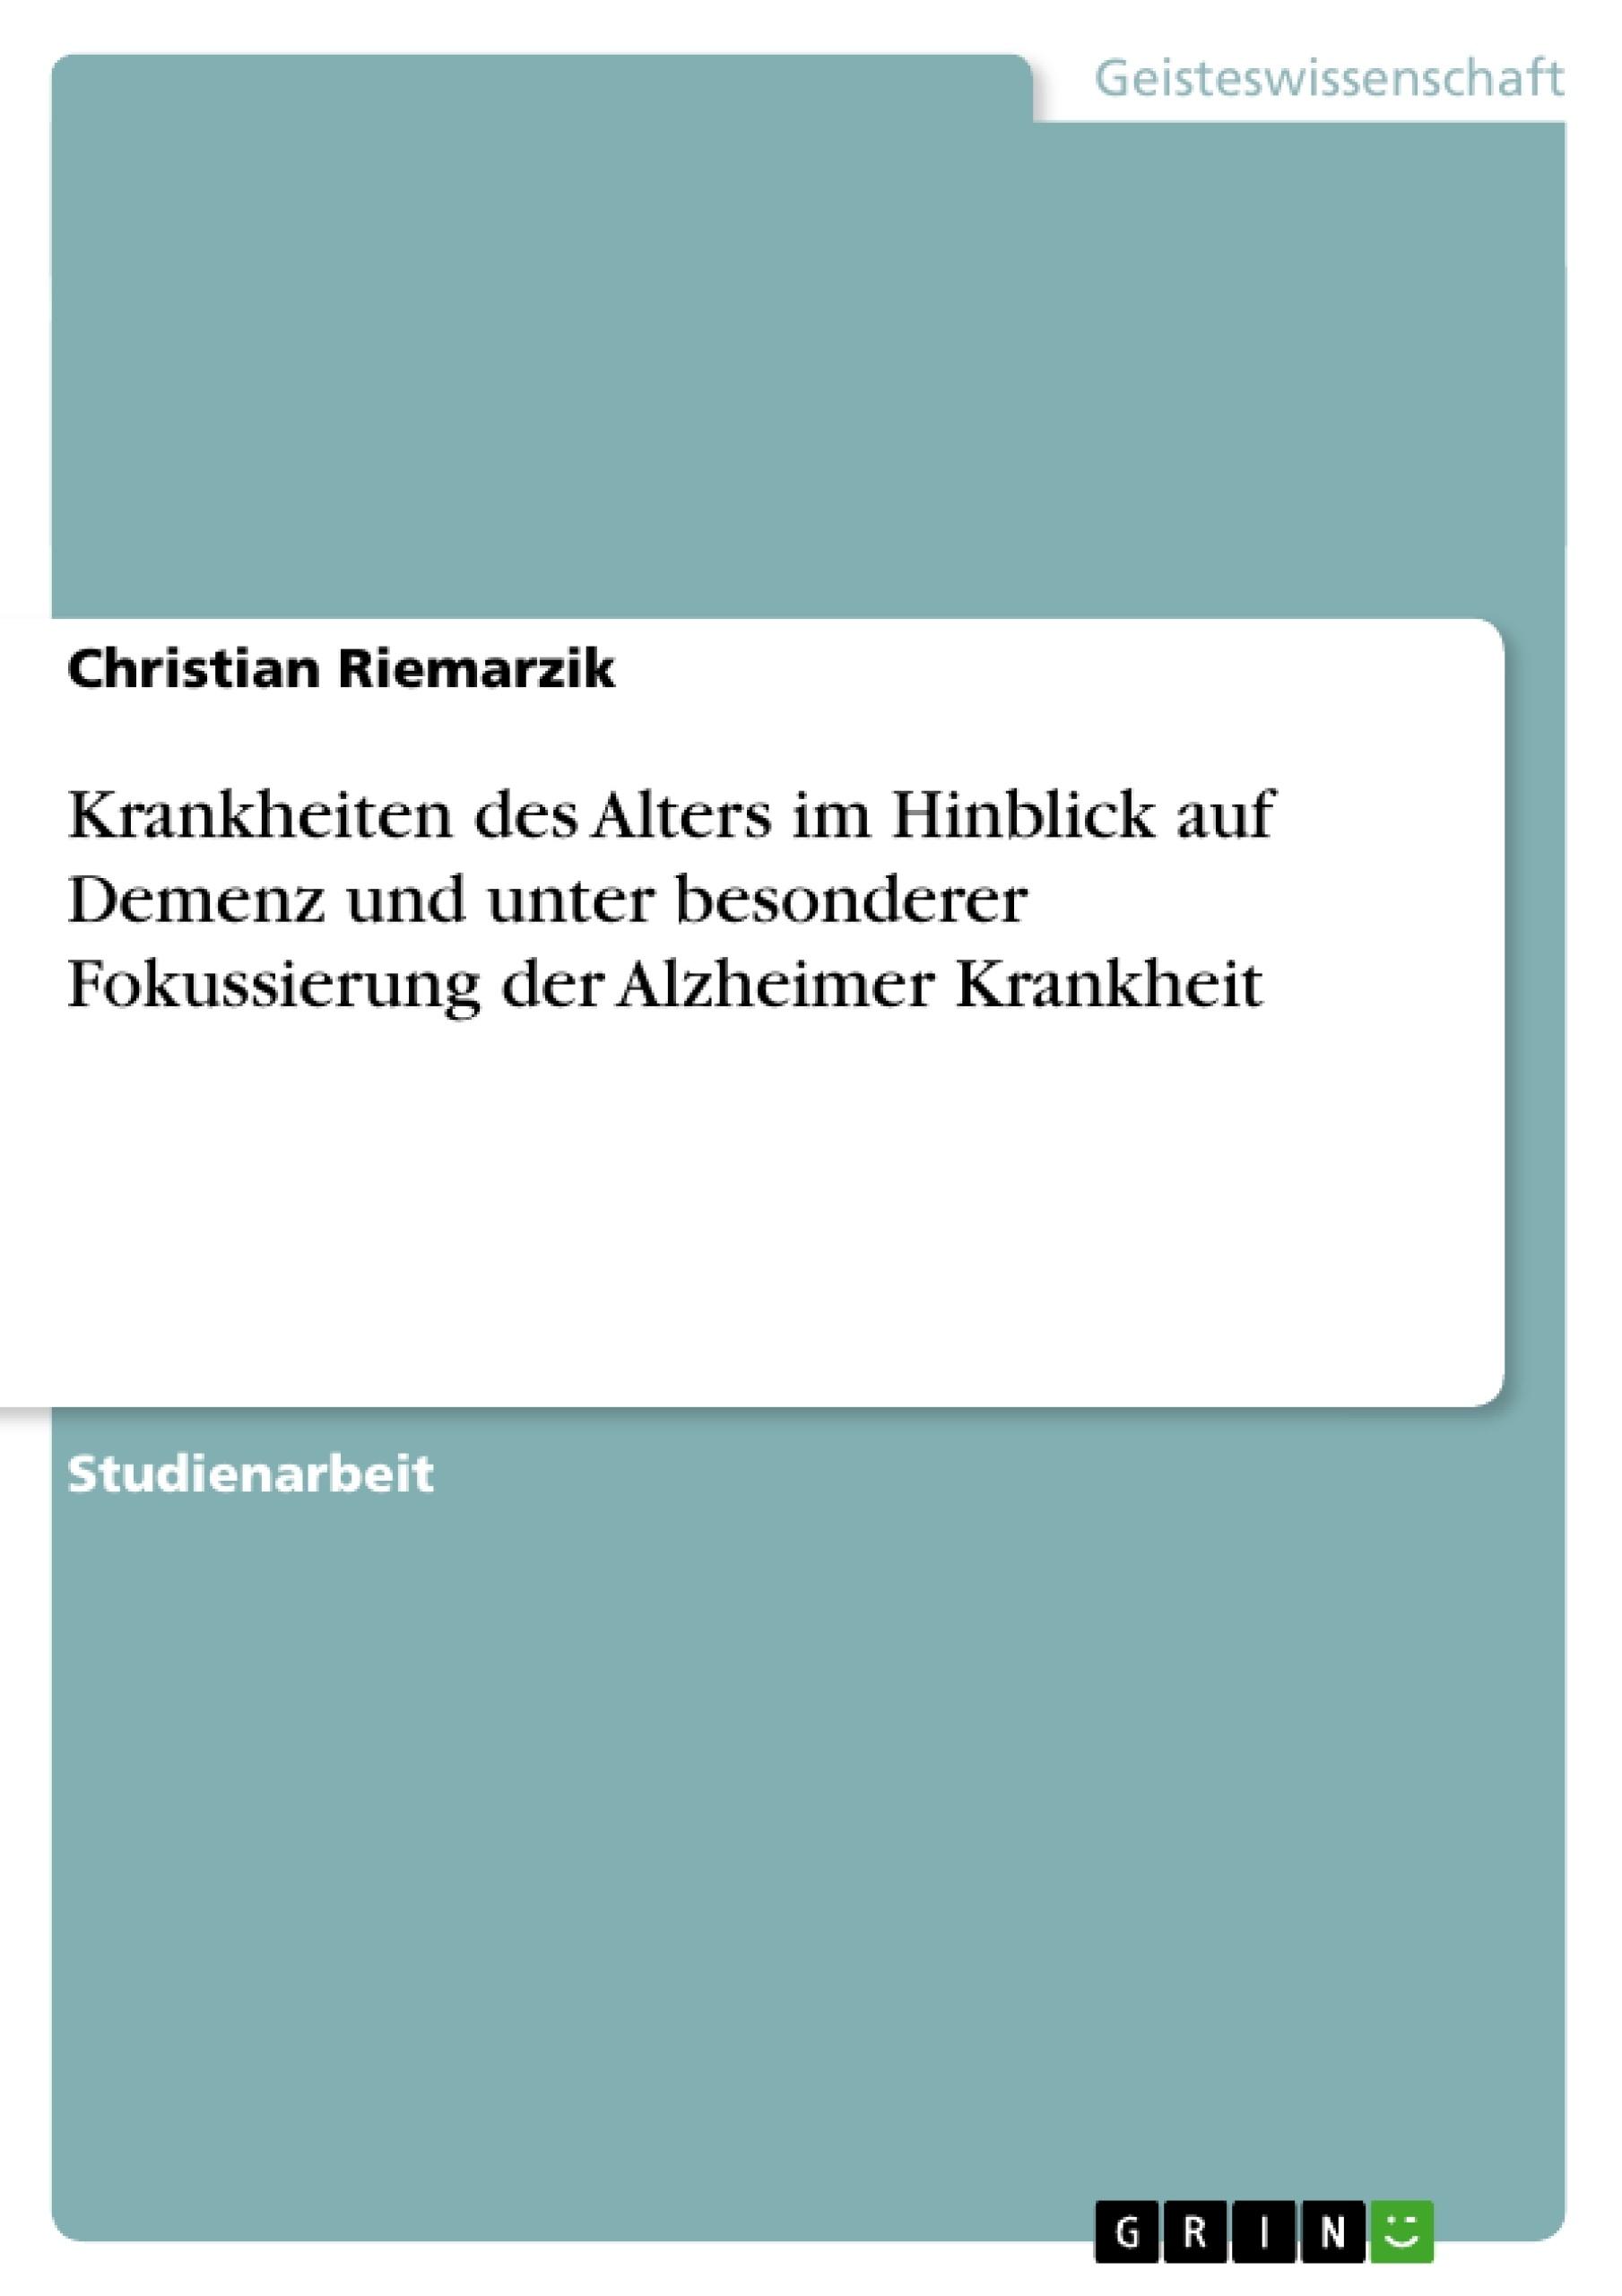 Titel: Krankheiten des Alters im Hinblick auf Demenz und unter besonderer Fokussierung der Alzheimer Krankheit